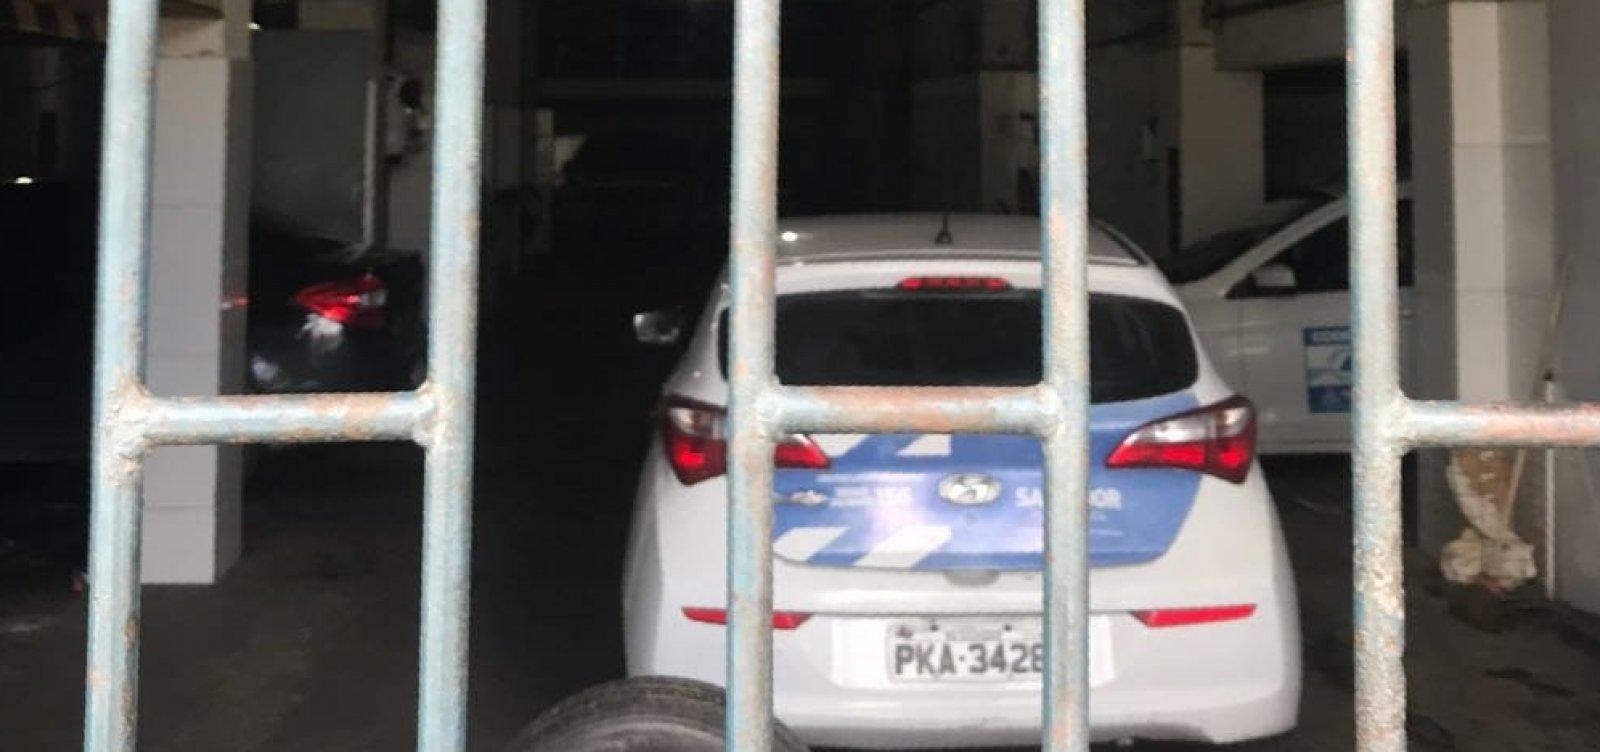 [Carros oficiais da prefeitura são usados em campanha de Zé Ronaldo]